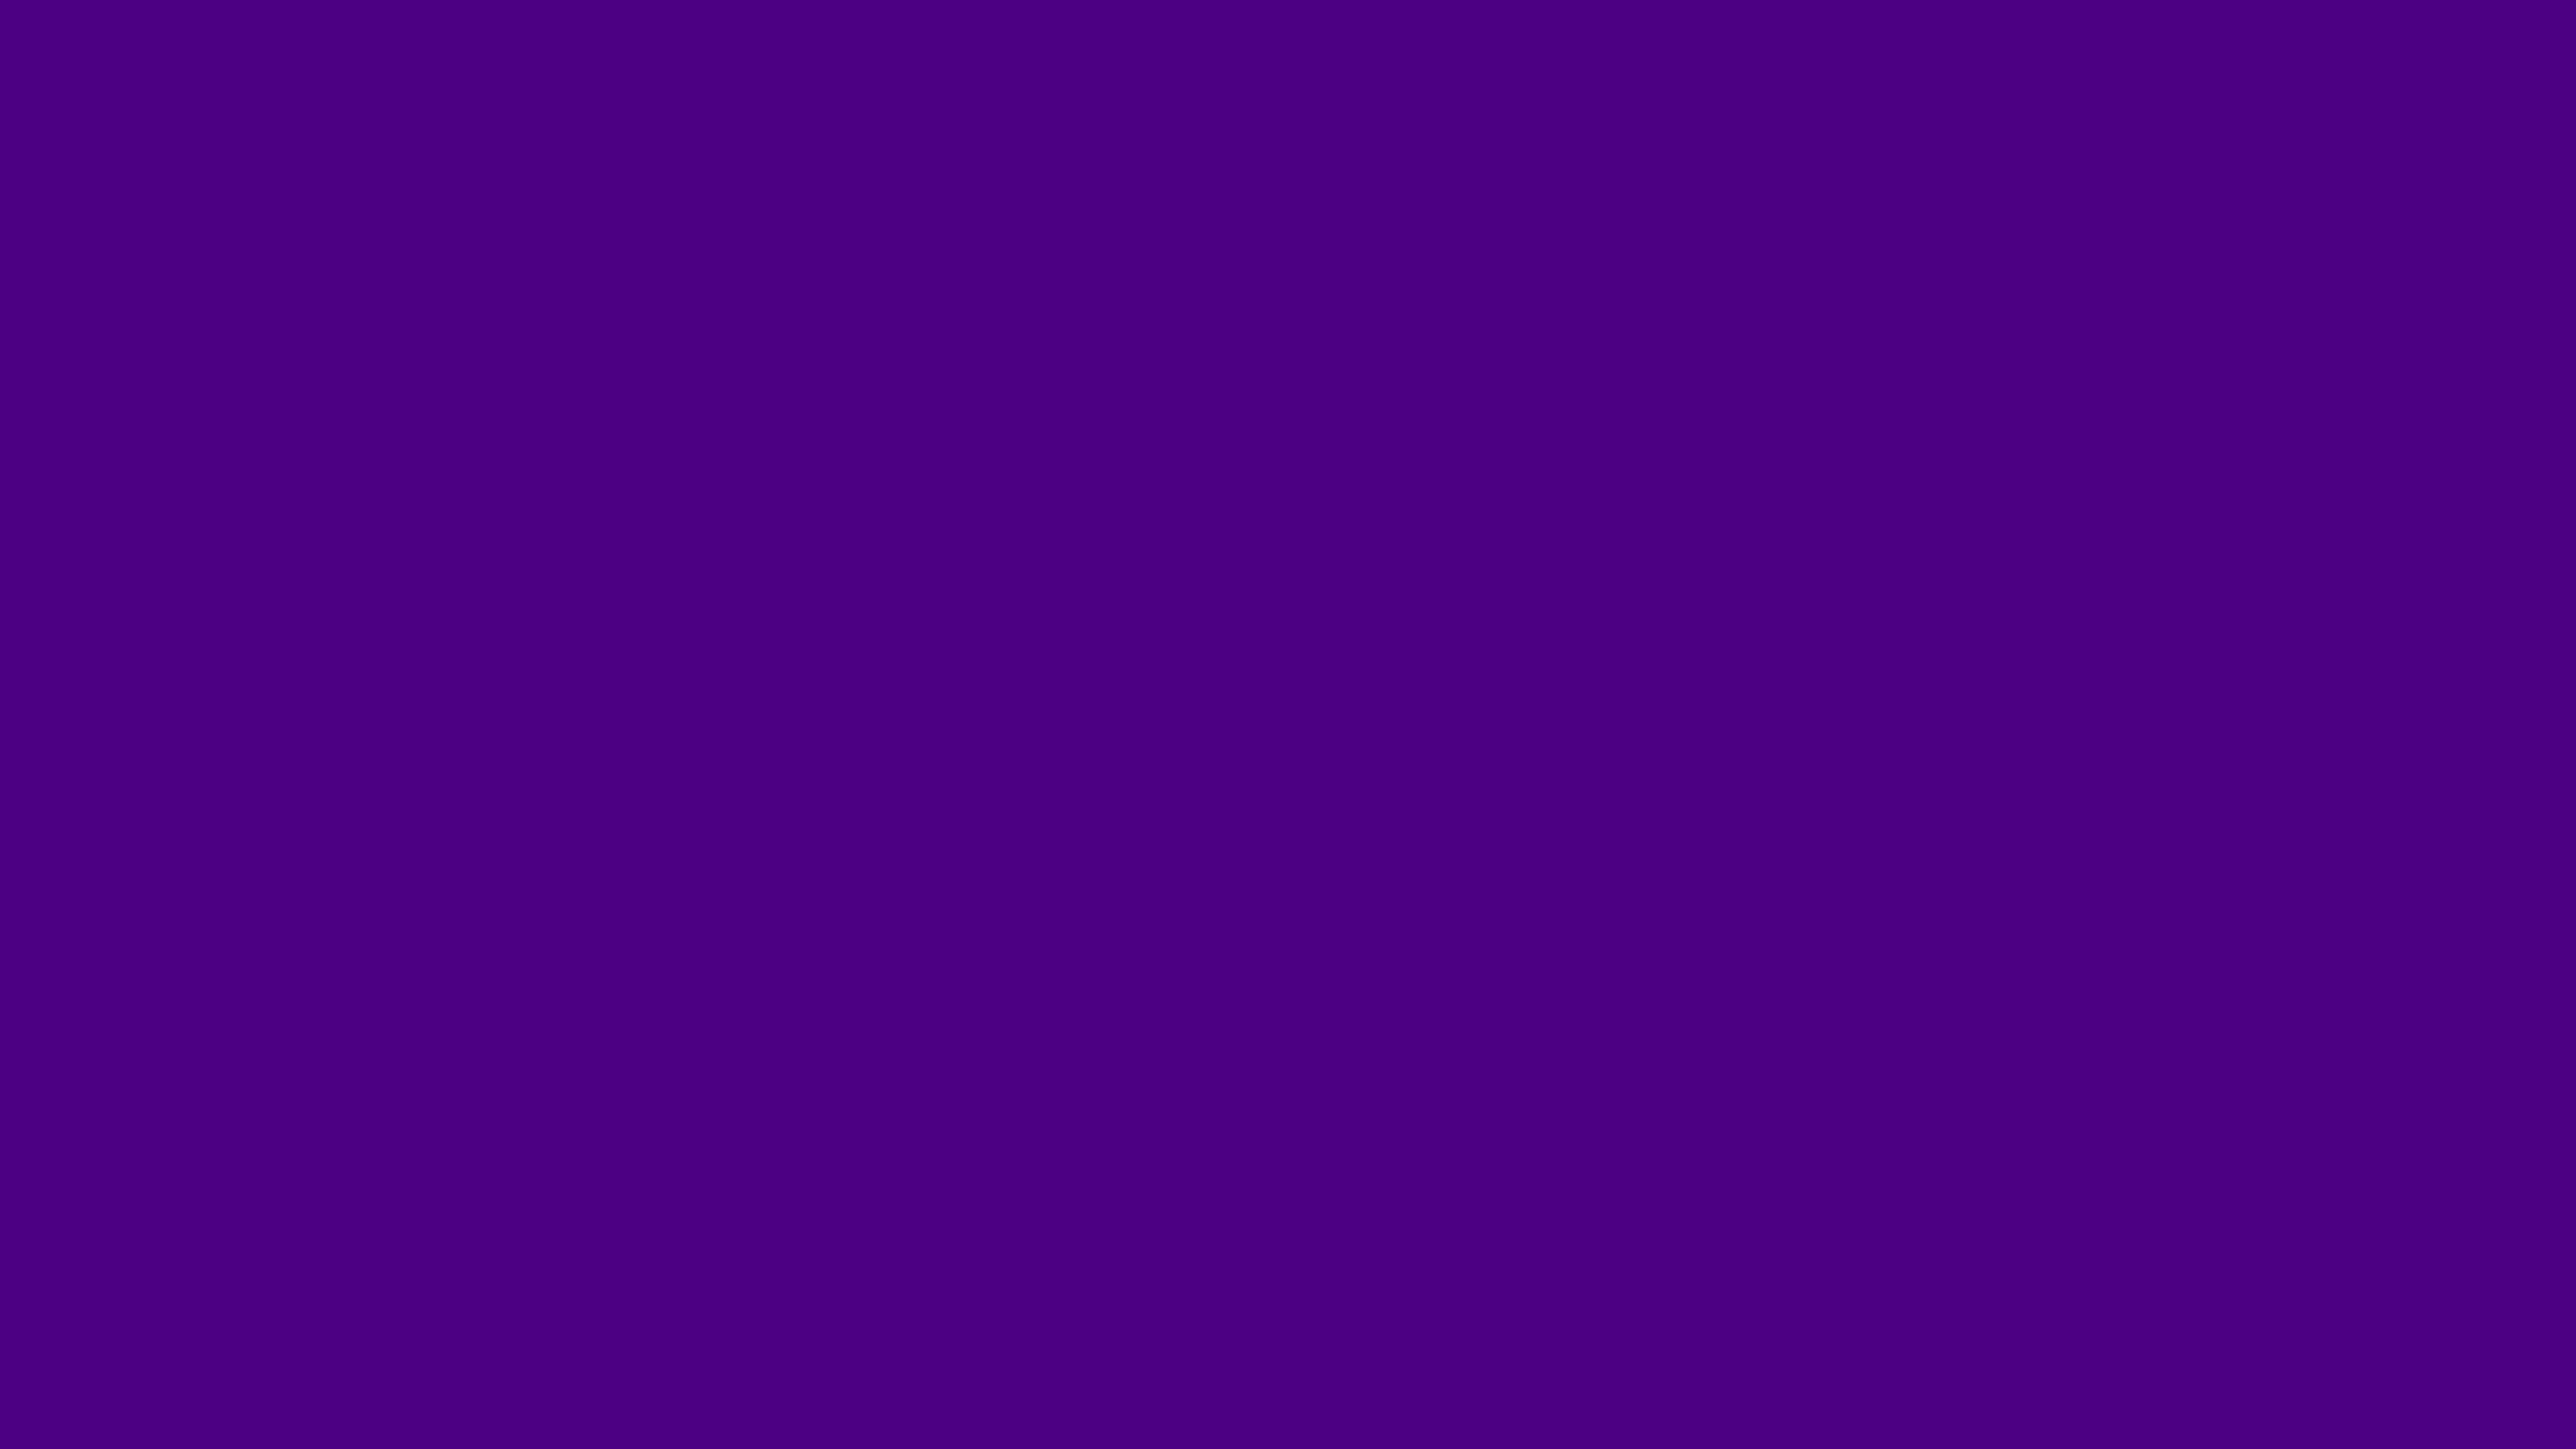 5120x2880 Indigo Web Solid Color Background